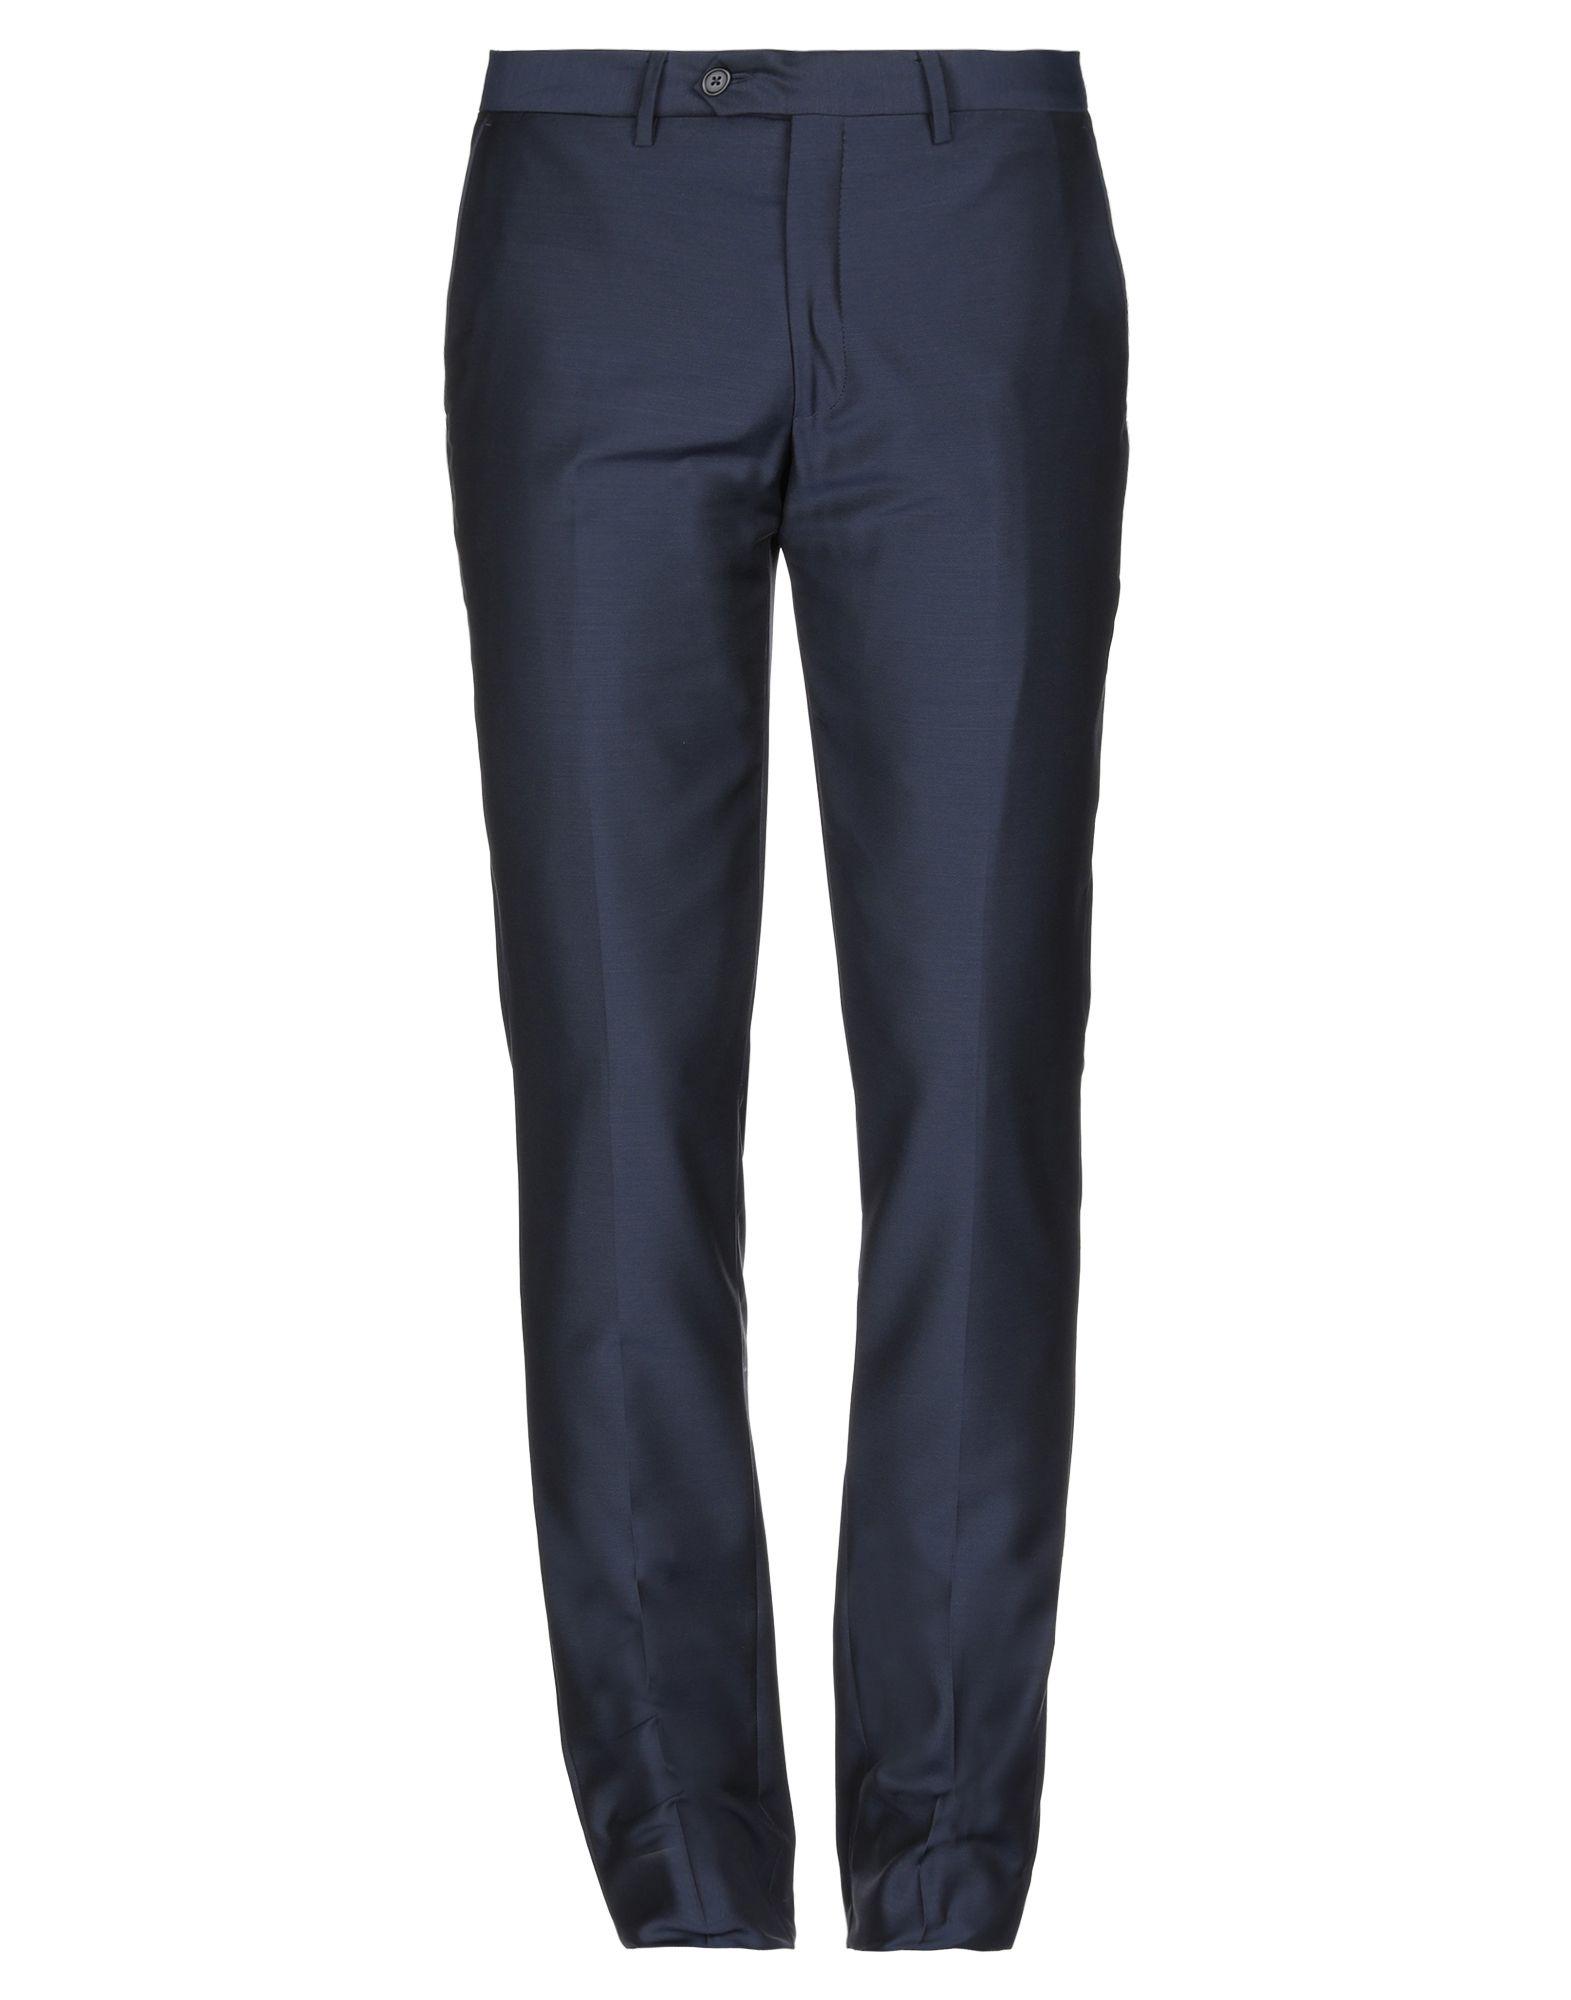 Pantalone Maestrami Cerimonia uomo - 13357051UI